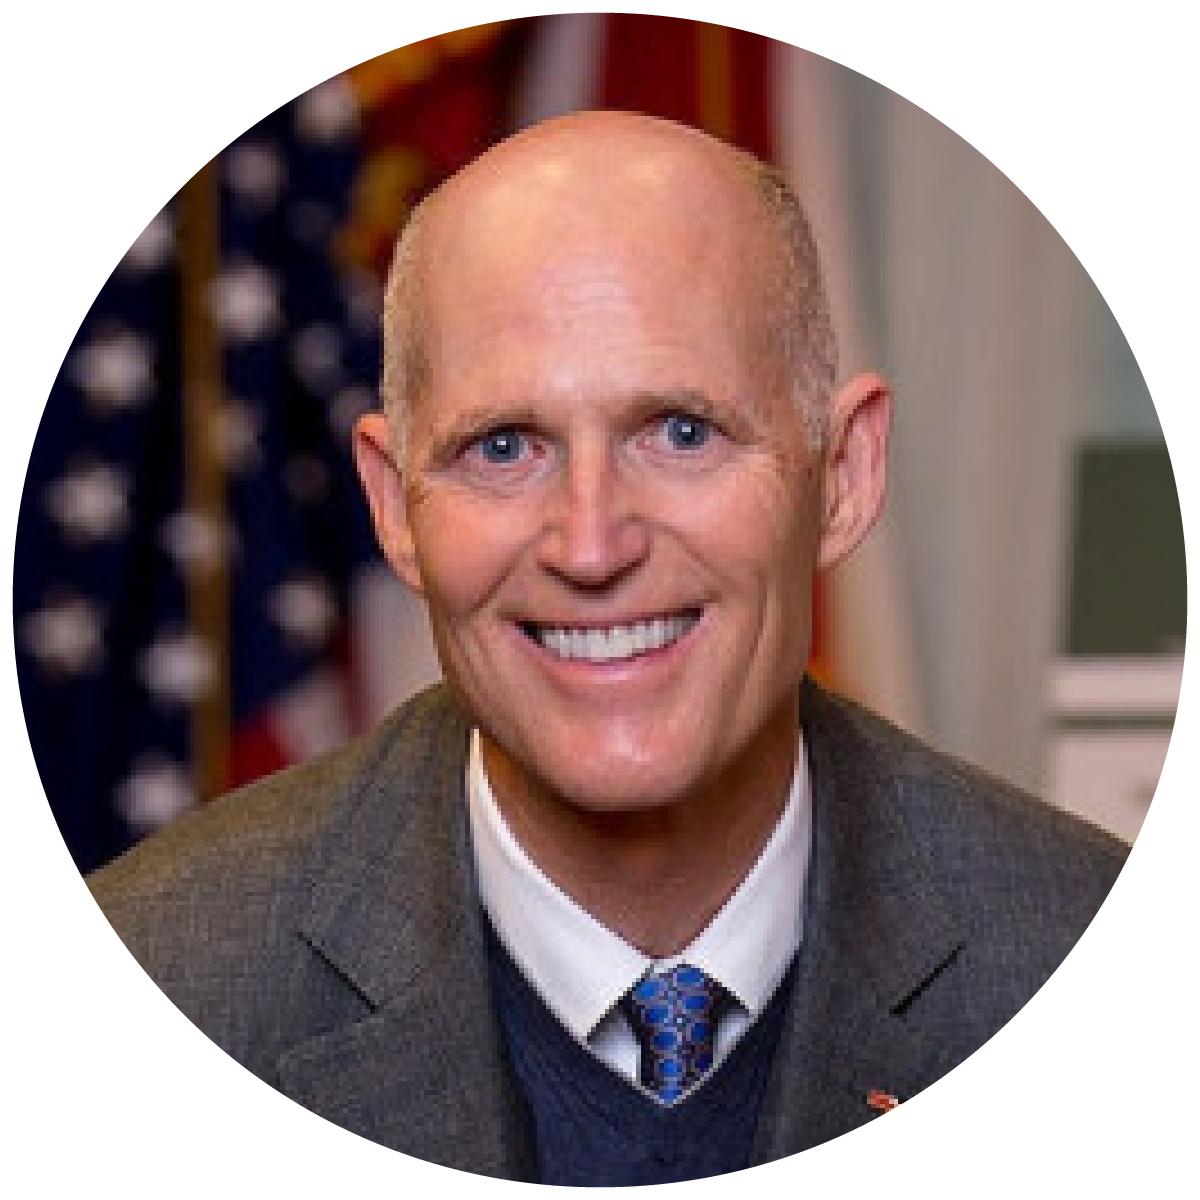 Senator Rick Scott (FL)